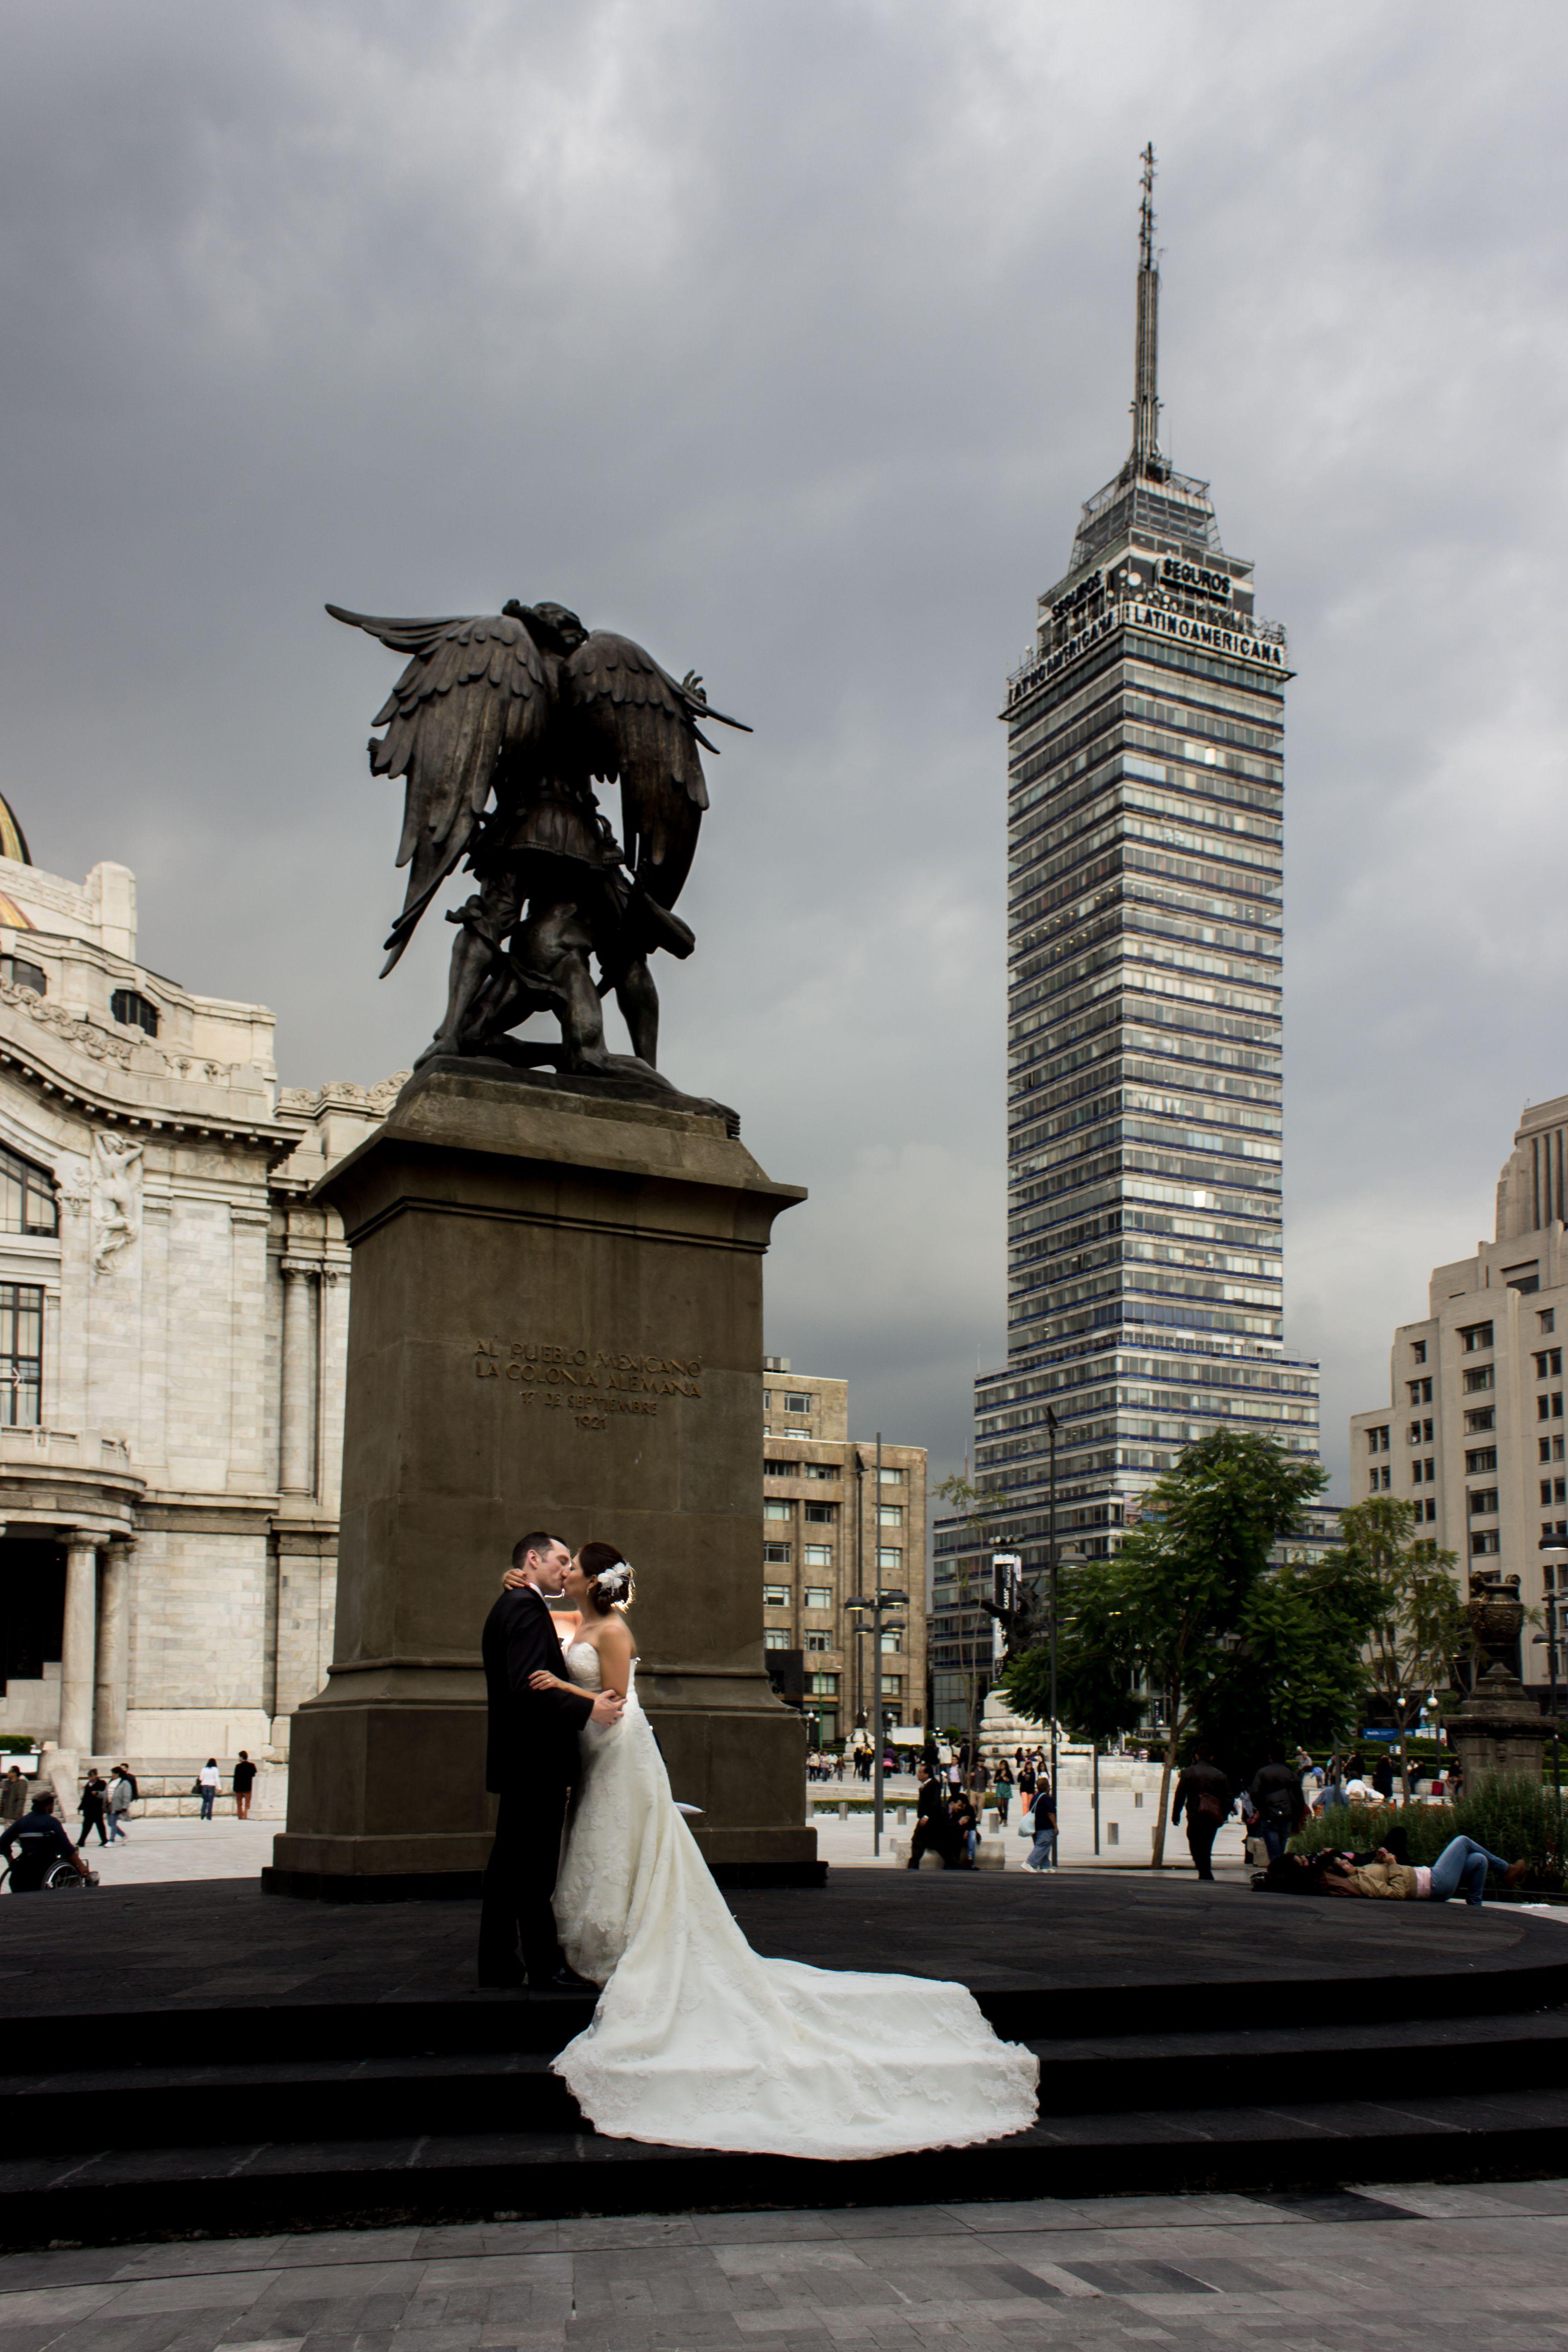 ilseandruben.com/ www.facebook.com/... instagram.com/... Twitter:@ilseandruben #ilseandruben Whatsapp: (044)55-10-24-69-20 Mexico DF #boda #bodas #weddings #mexico #smile #friends #bodasconestilo #love #bodasconencanto #brides #wedding #foto #weddingphotographer #photography #weddings #fotografia #weddinginspiration #fotografo #photoalbum #sesion #album #photographer #photobook #novia #fotografía #recepción #sesiondepareja #ideasdeboda